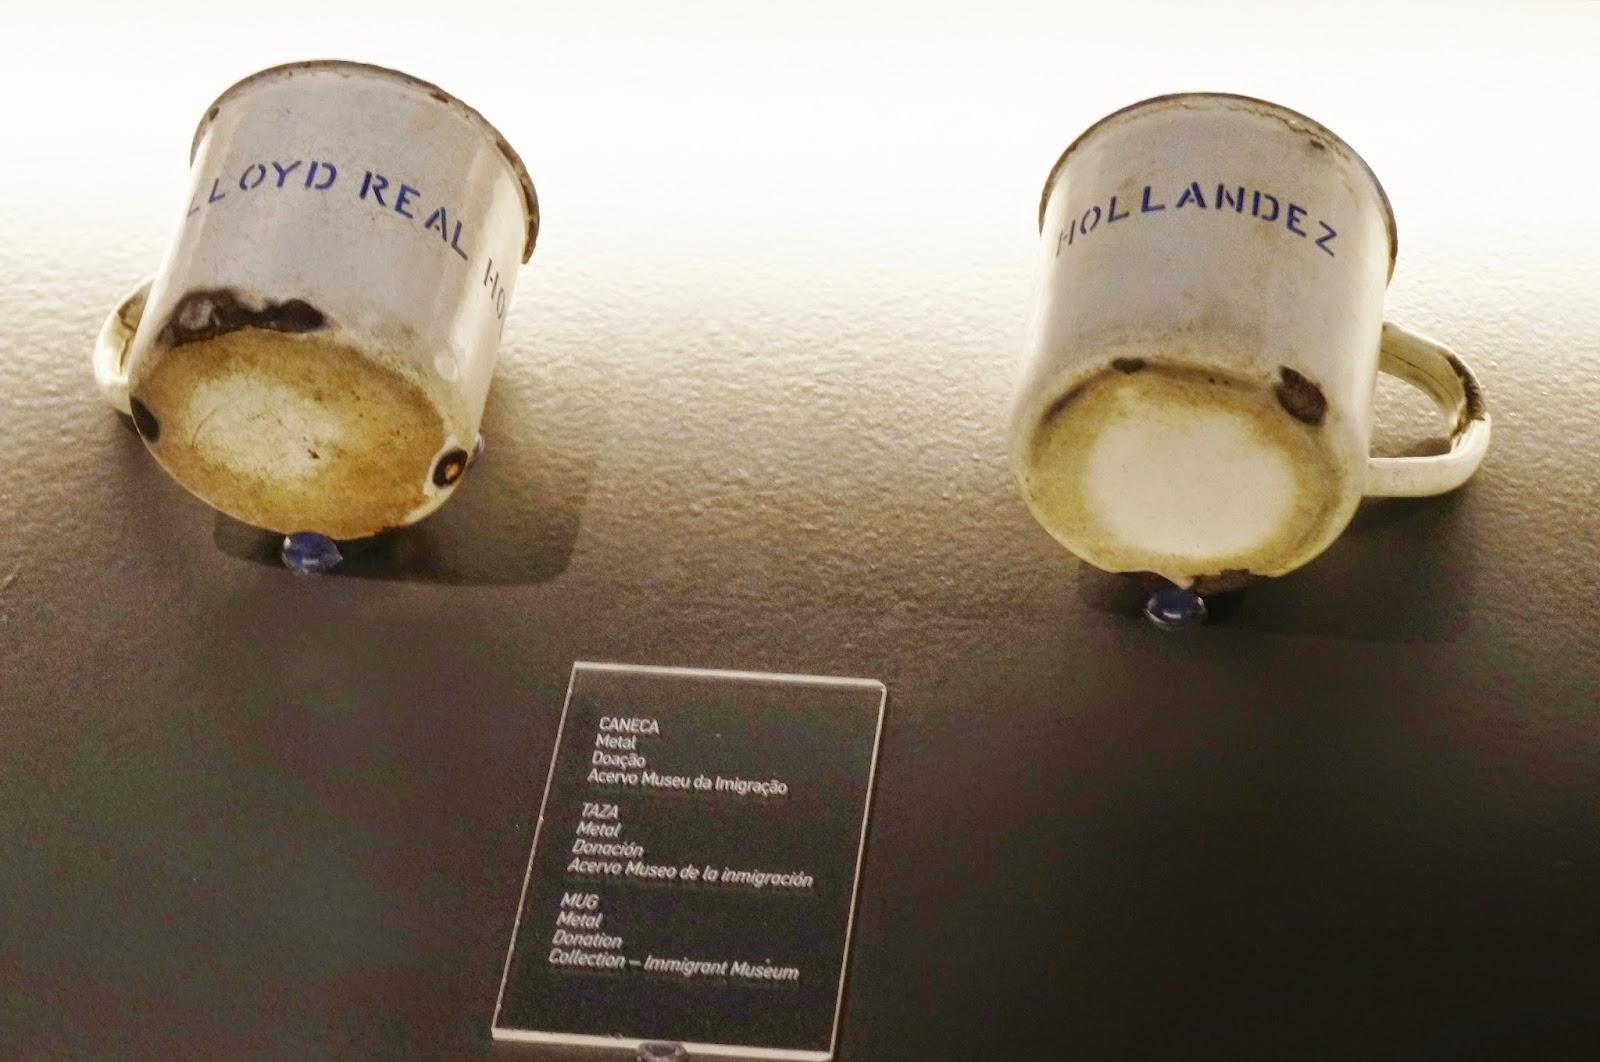 canecas de metal esmaltadas da companhia Llody Real Hollandez no acervo do Museu da Imigração